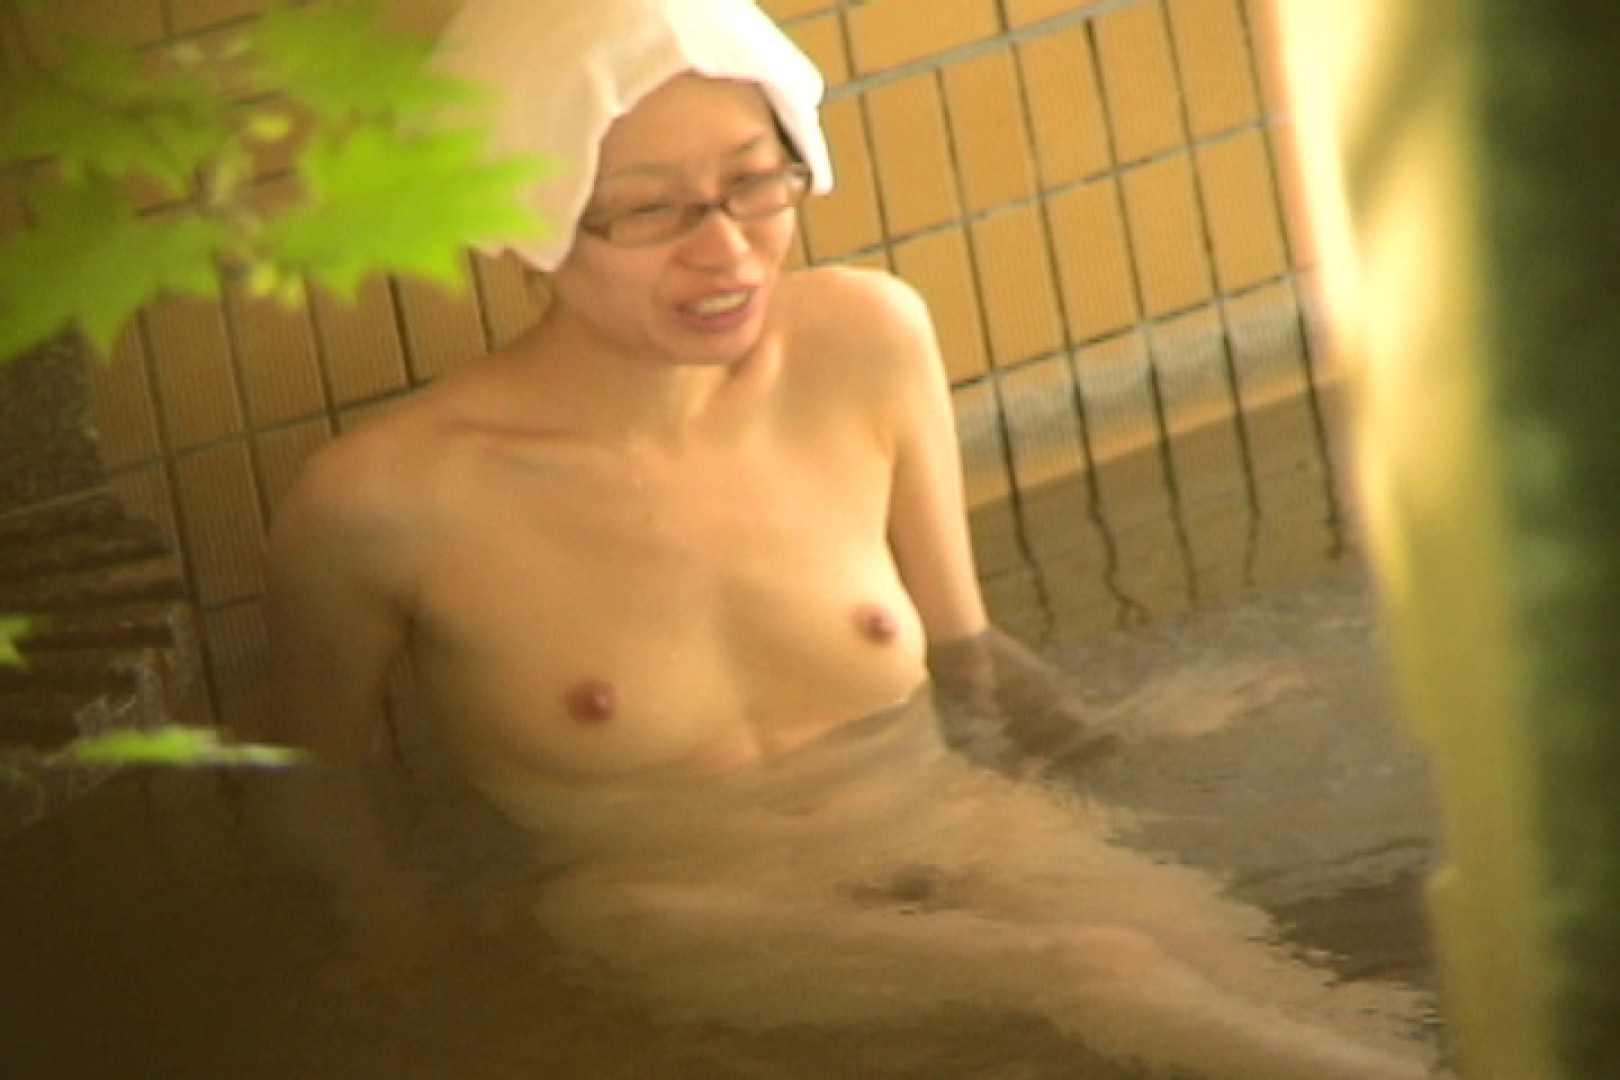 Aquaな露天風呂Vol.703 OLエロ画像 盗撮ヌード画像 94PICs 65